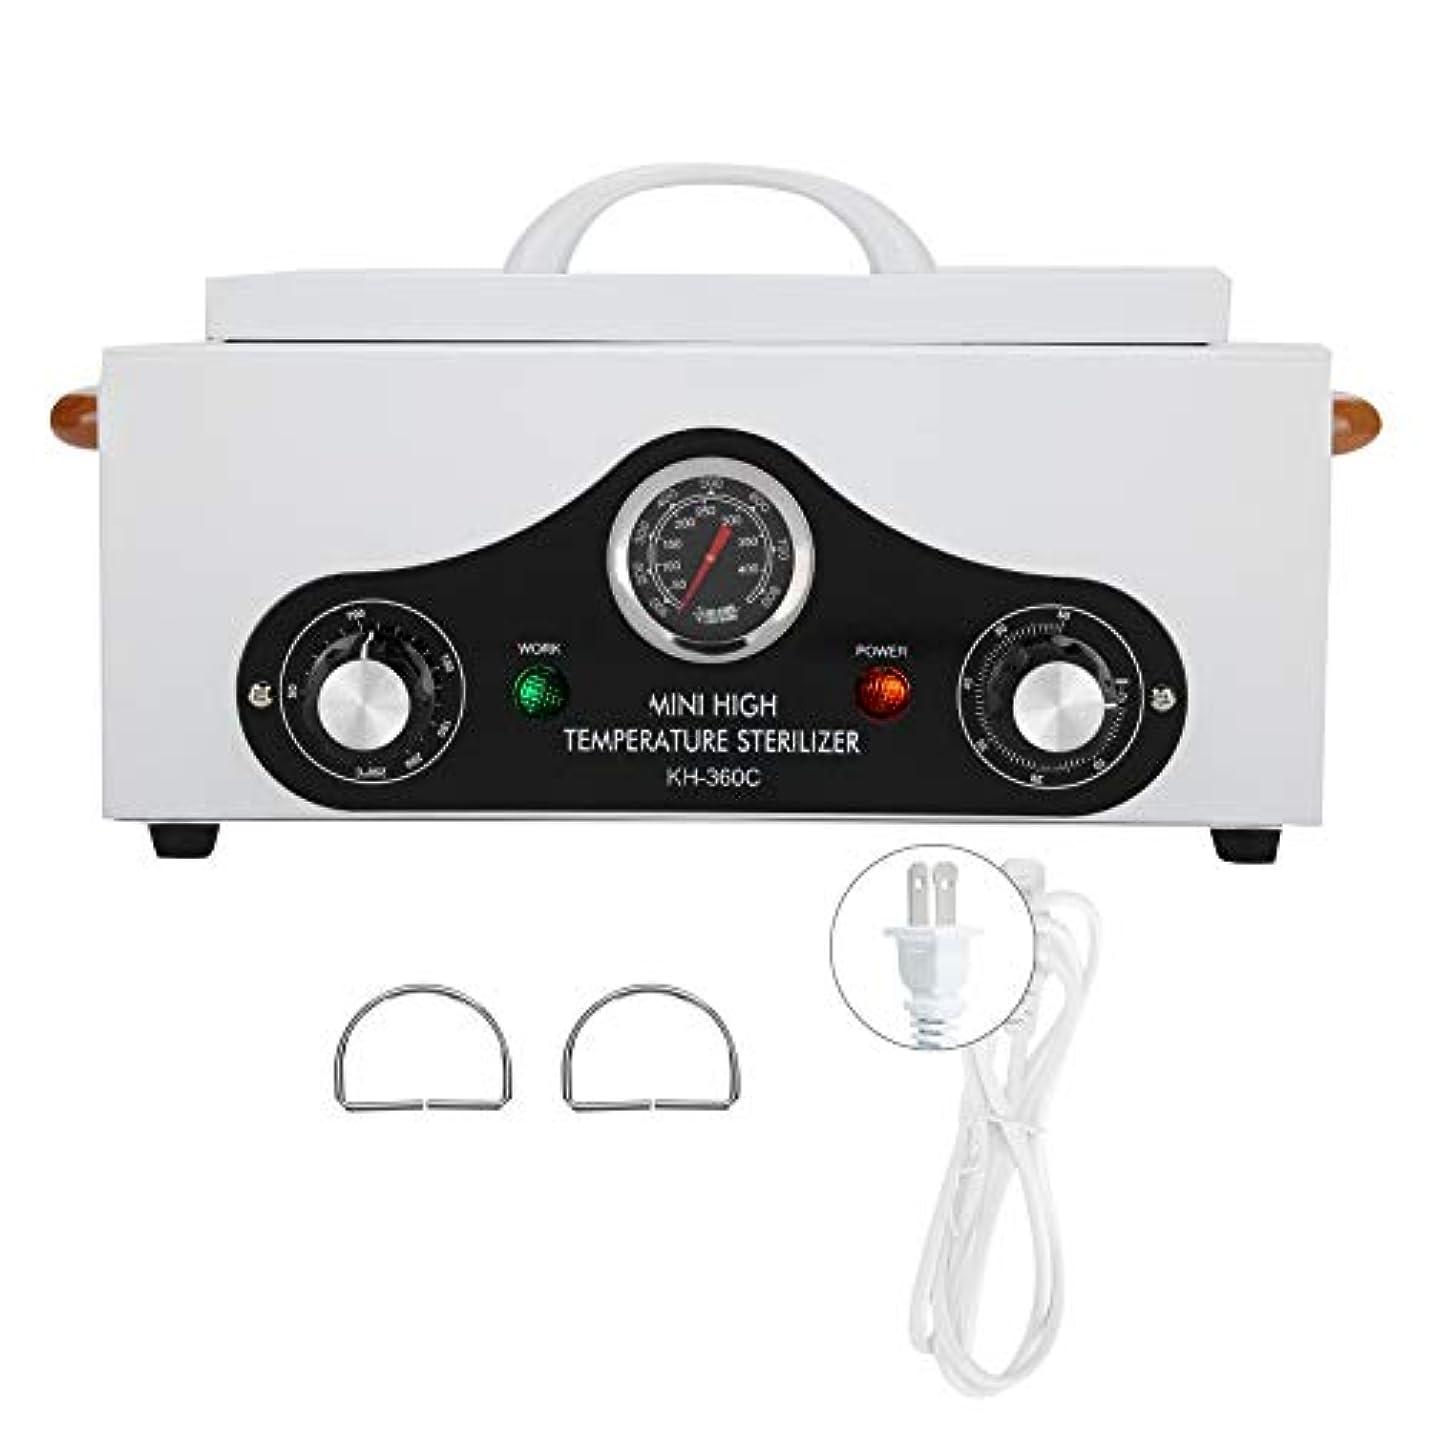 繁栄ミュージカルドラム高温滅菌器、消毒キャビネットビューティーサロンスパインストゥルメントクリーニングツール(USプラグ110V)